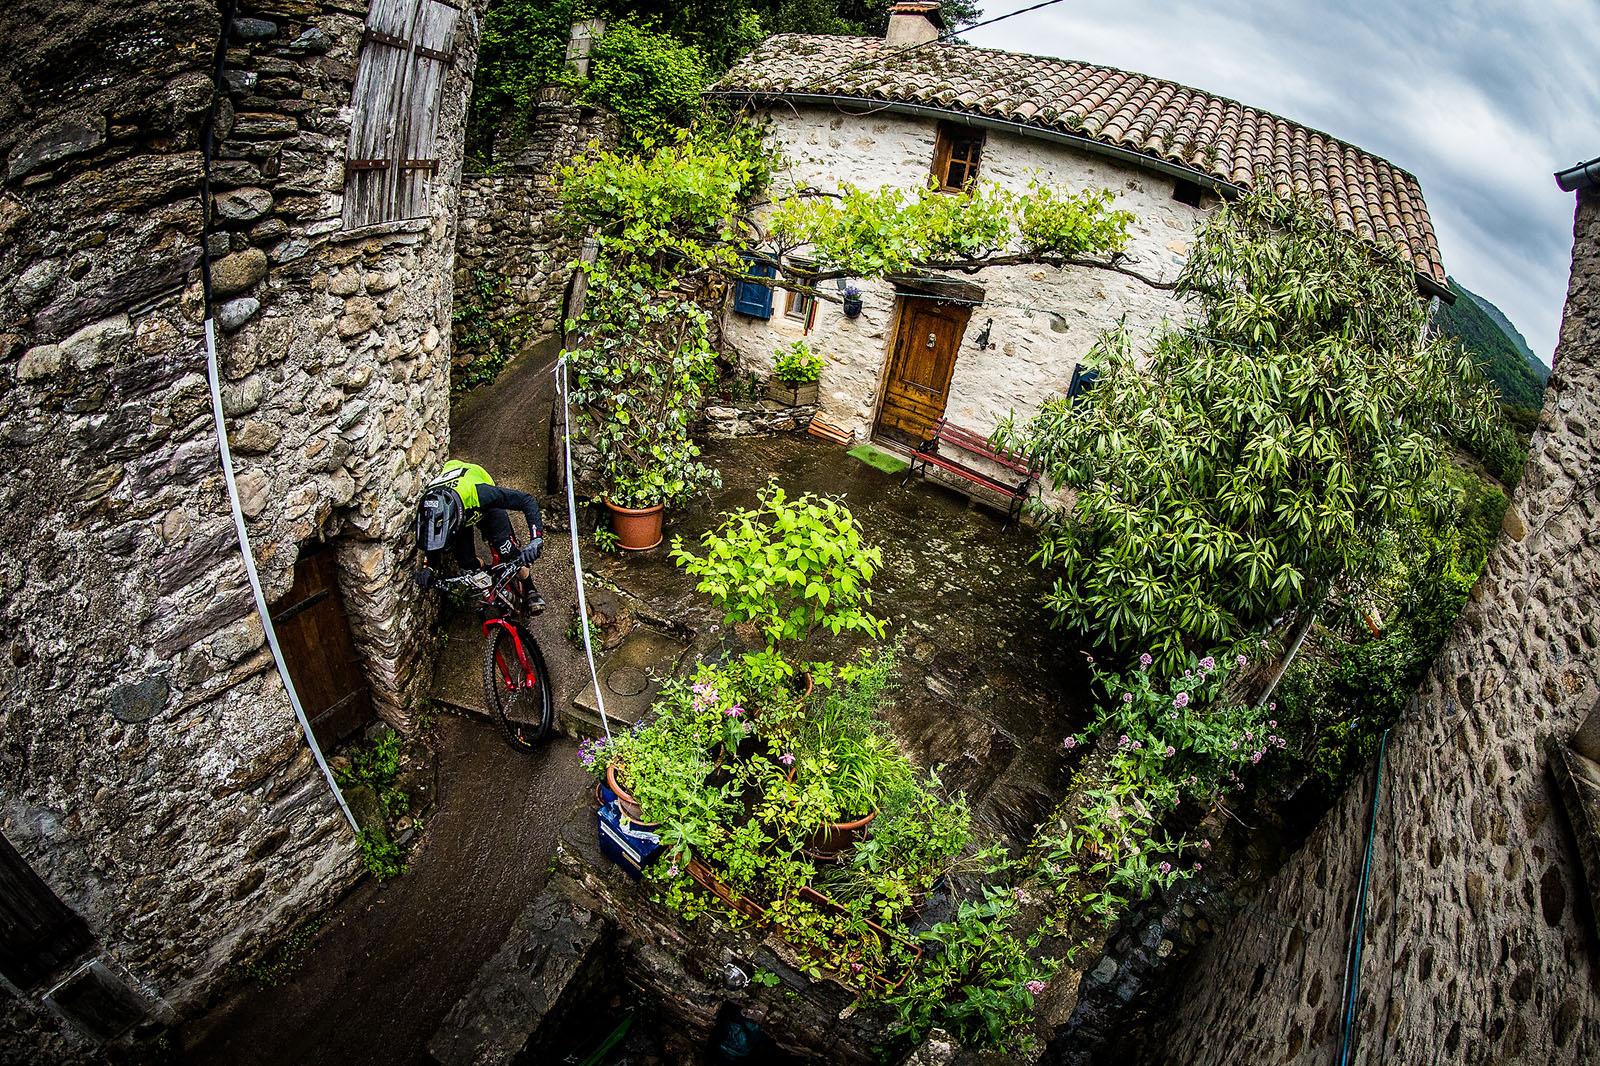 Santa Cruz Bicycles - Mark Scott at EWS 3 in France